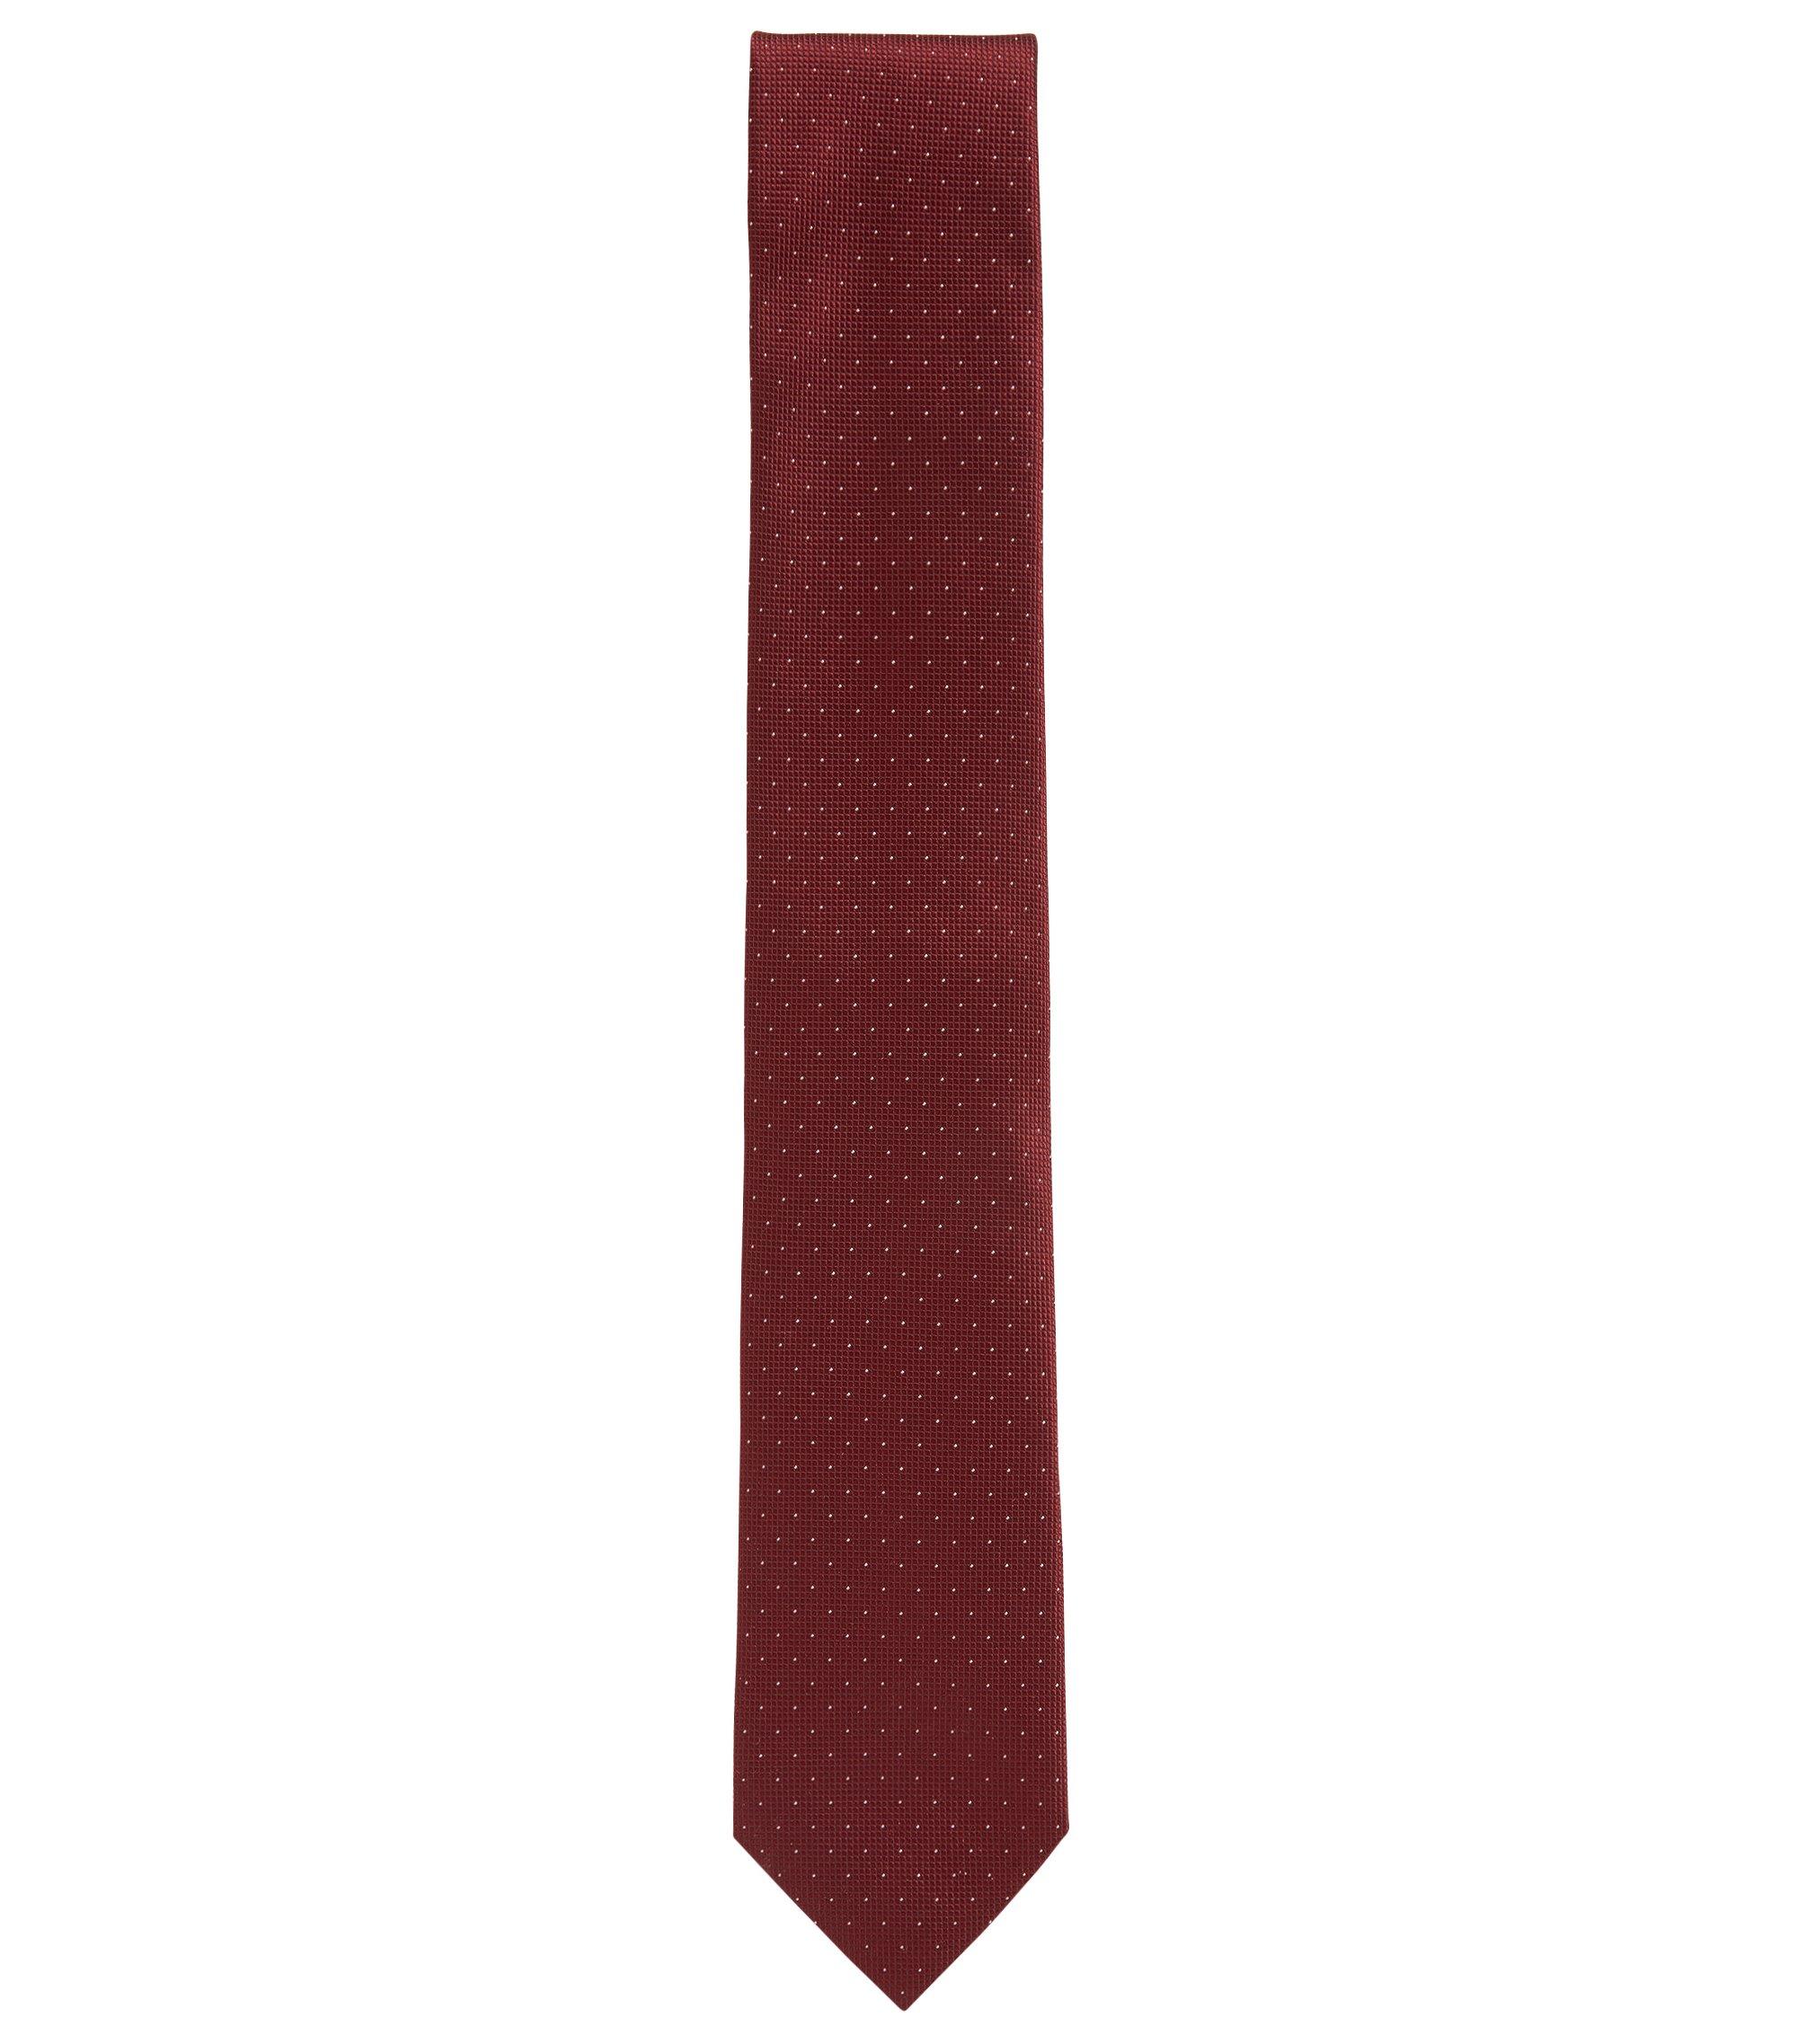 Cravate en pure soie à micro-pois, Rouge sombre